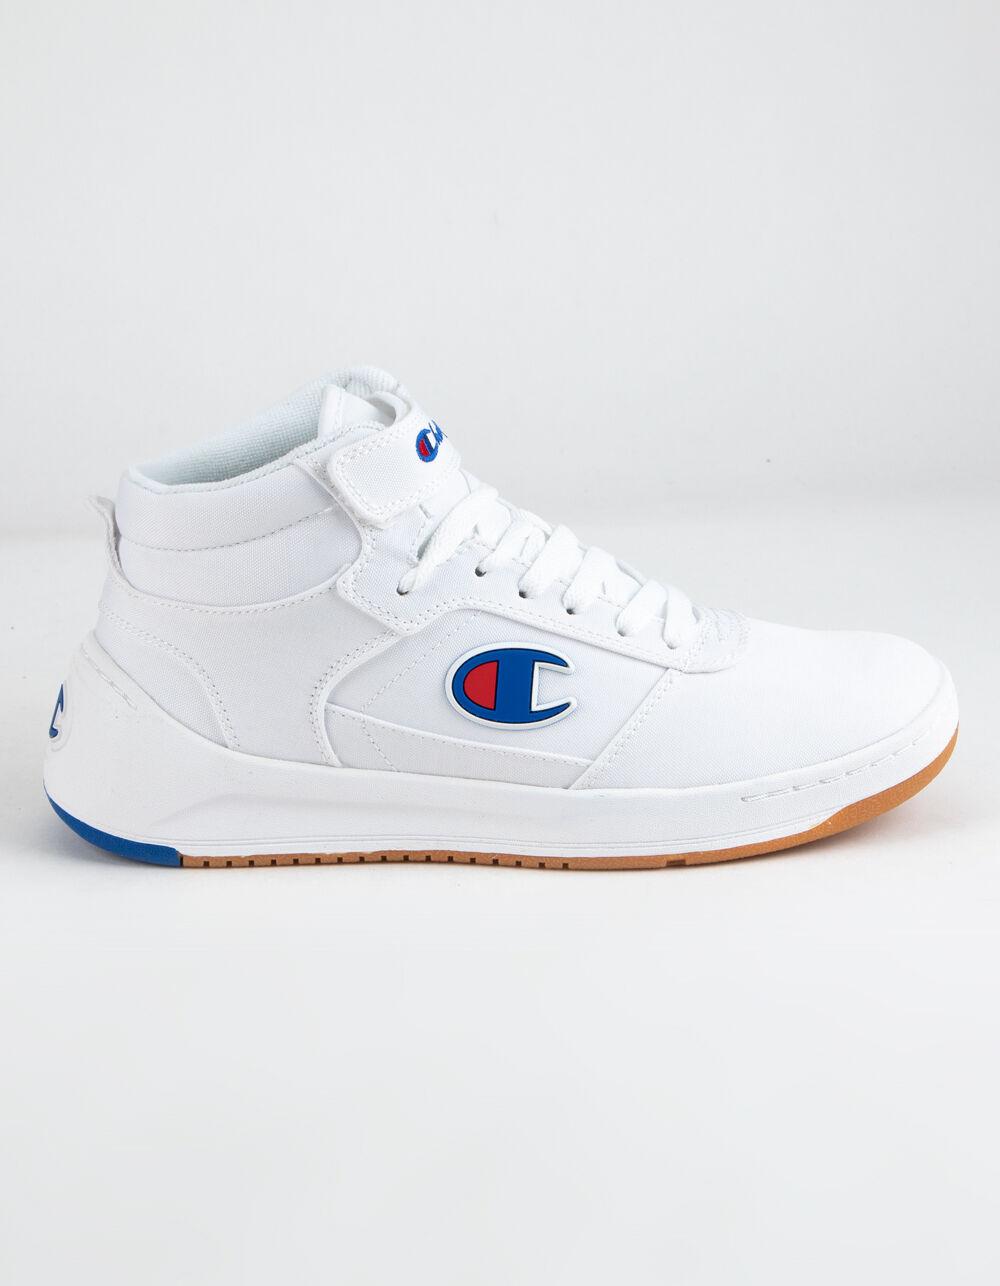 CHAMPION Super C Court Mid CVS Shoes